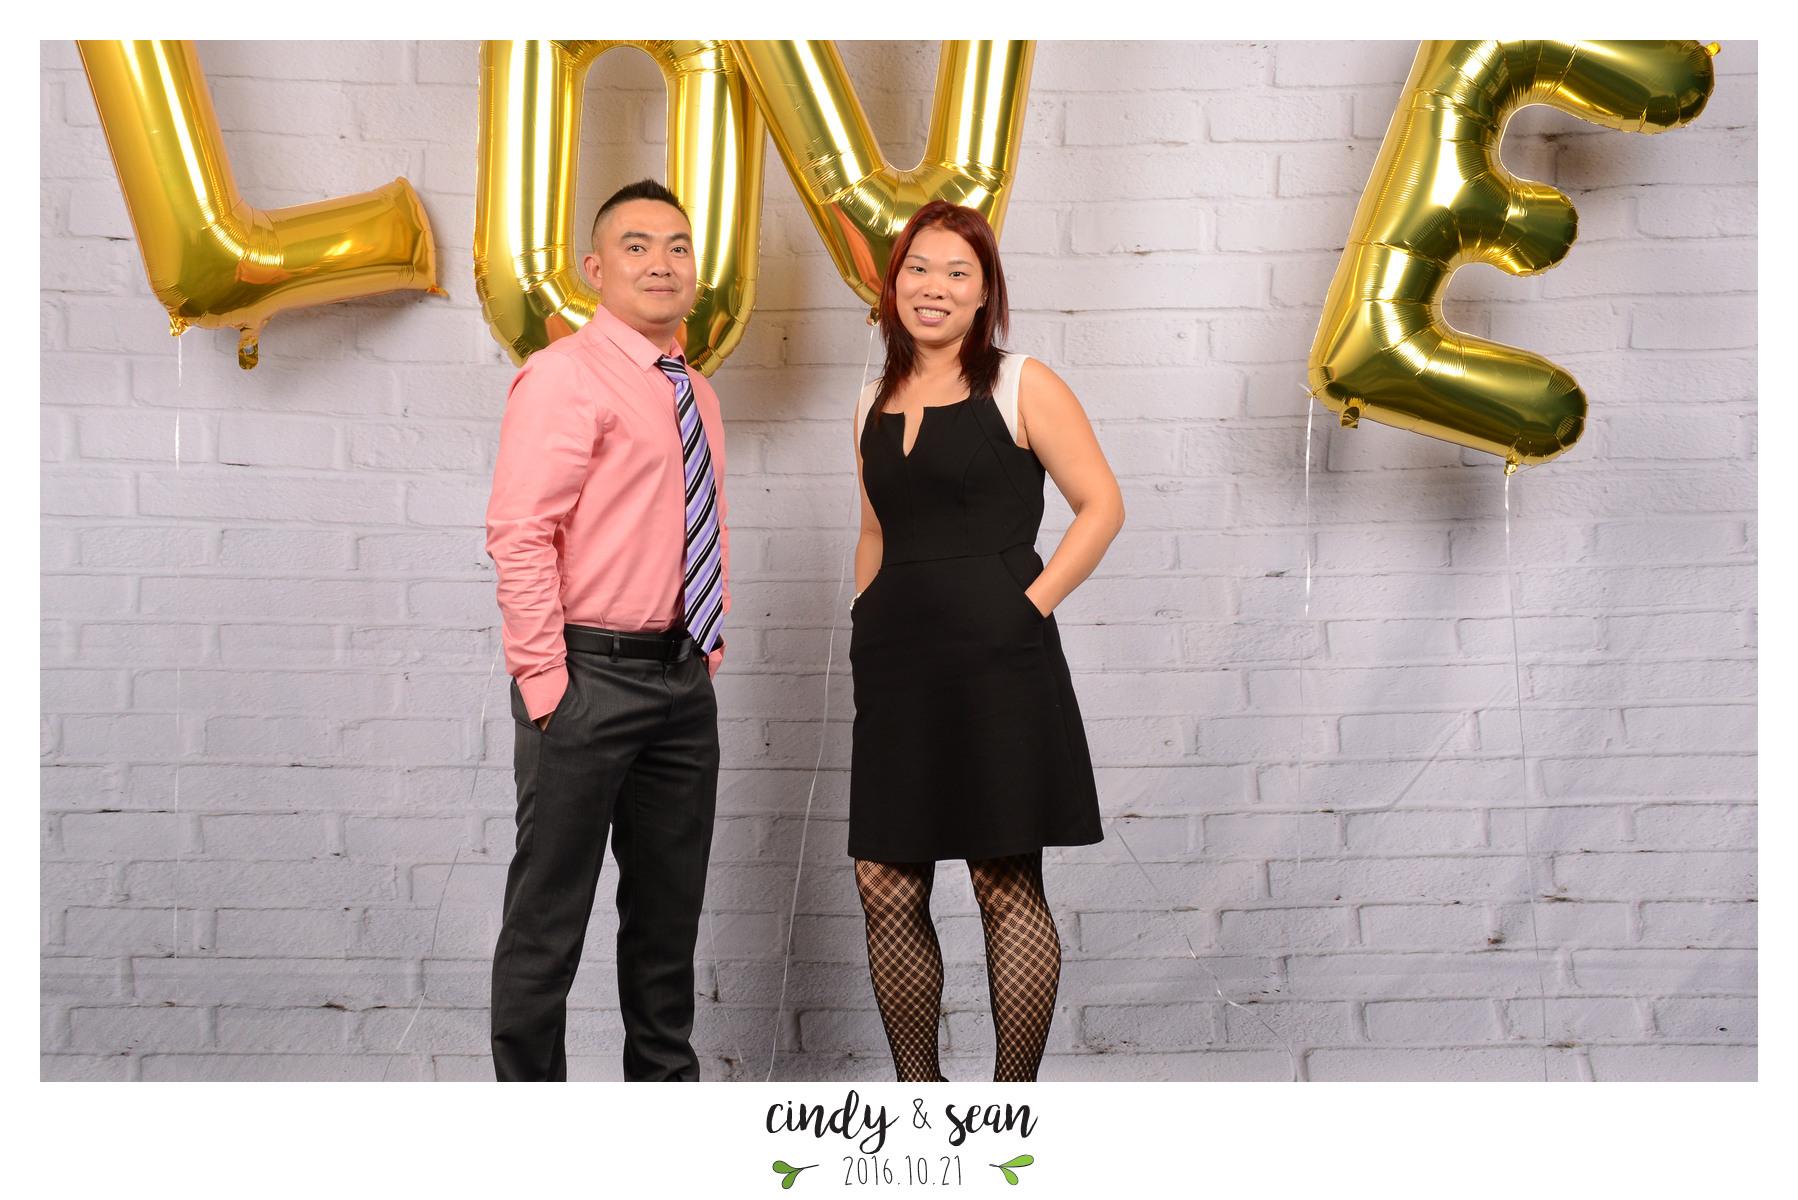 Cindy Sean Bae - 0001-63.jpg